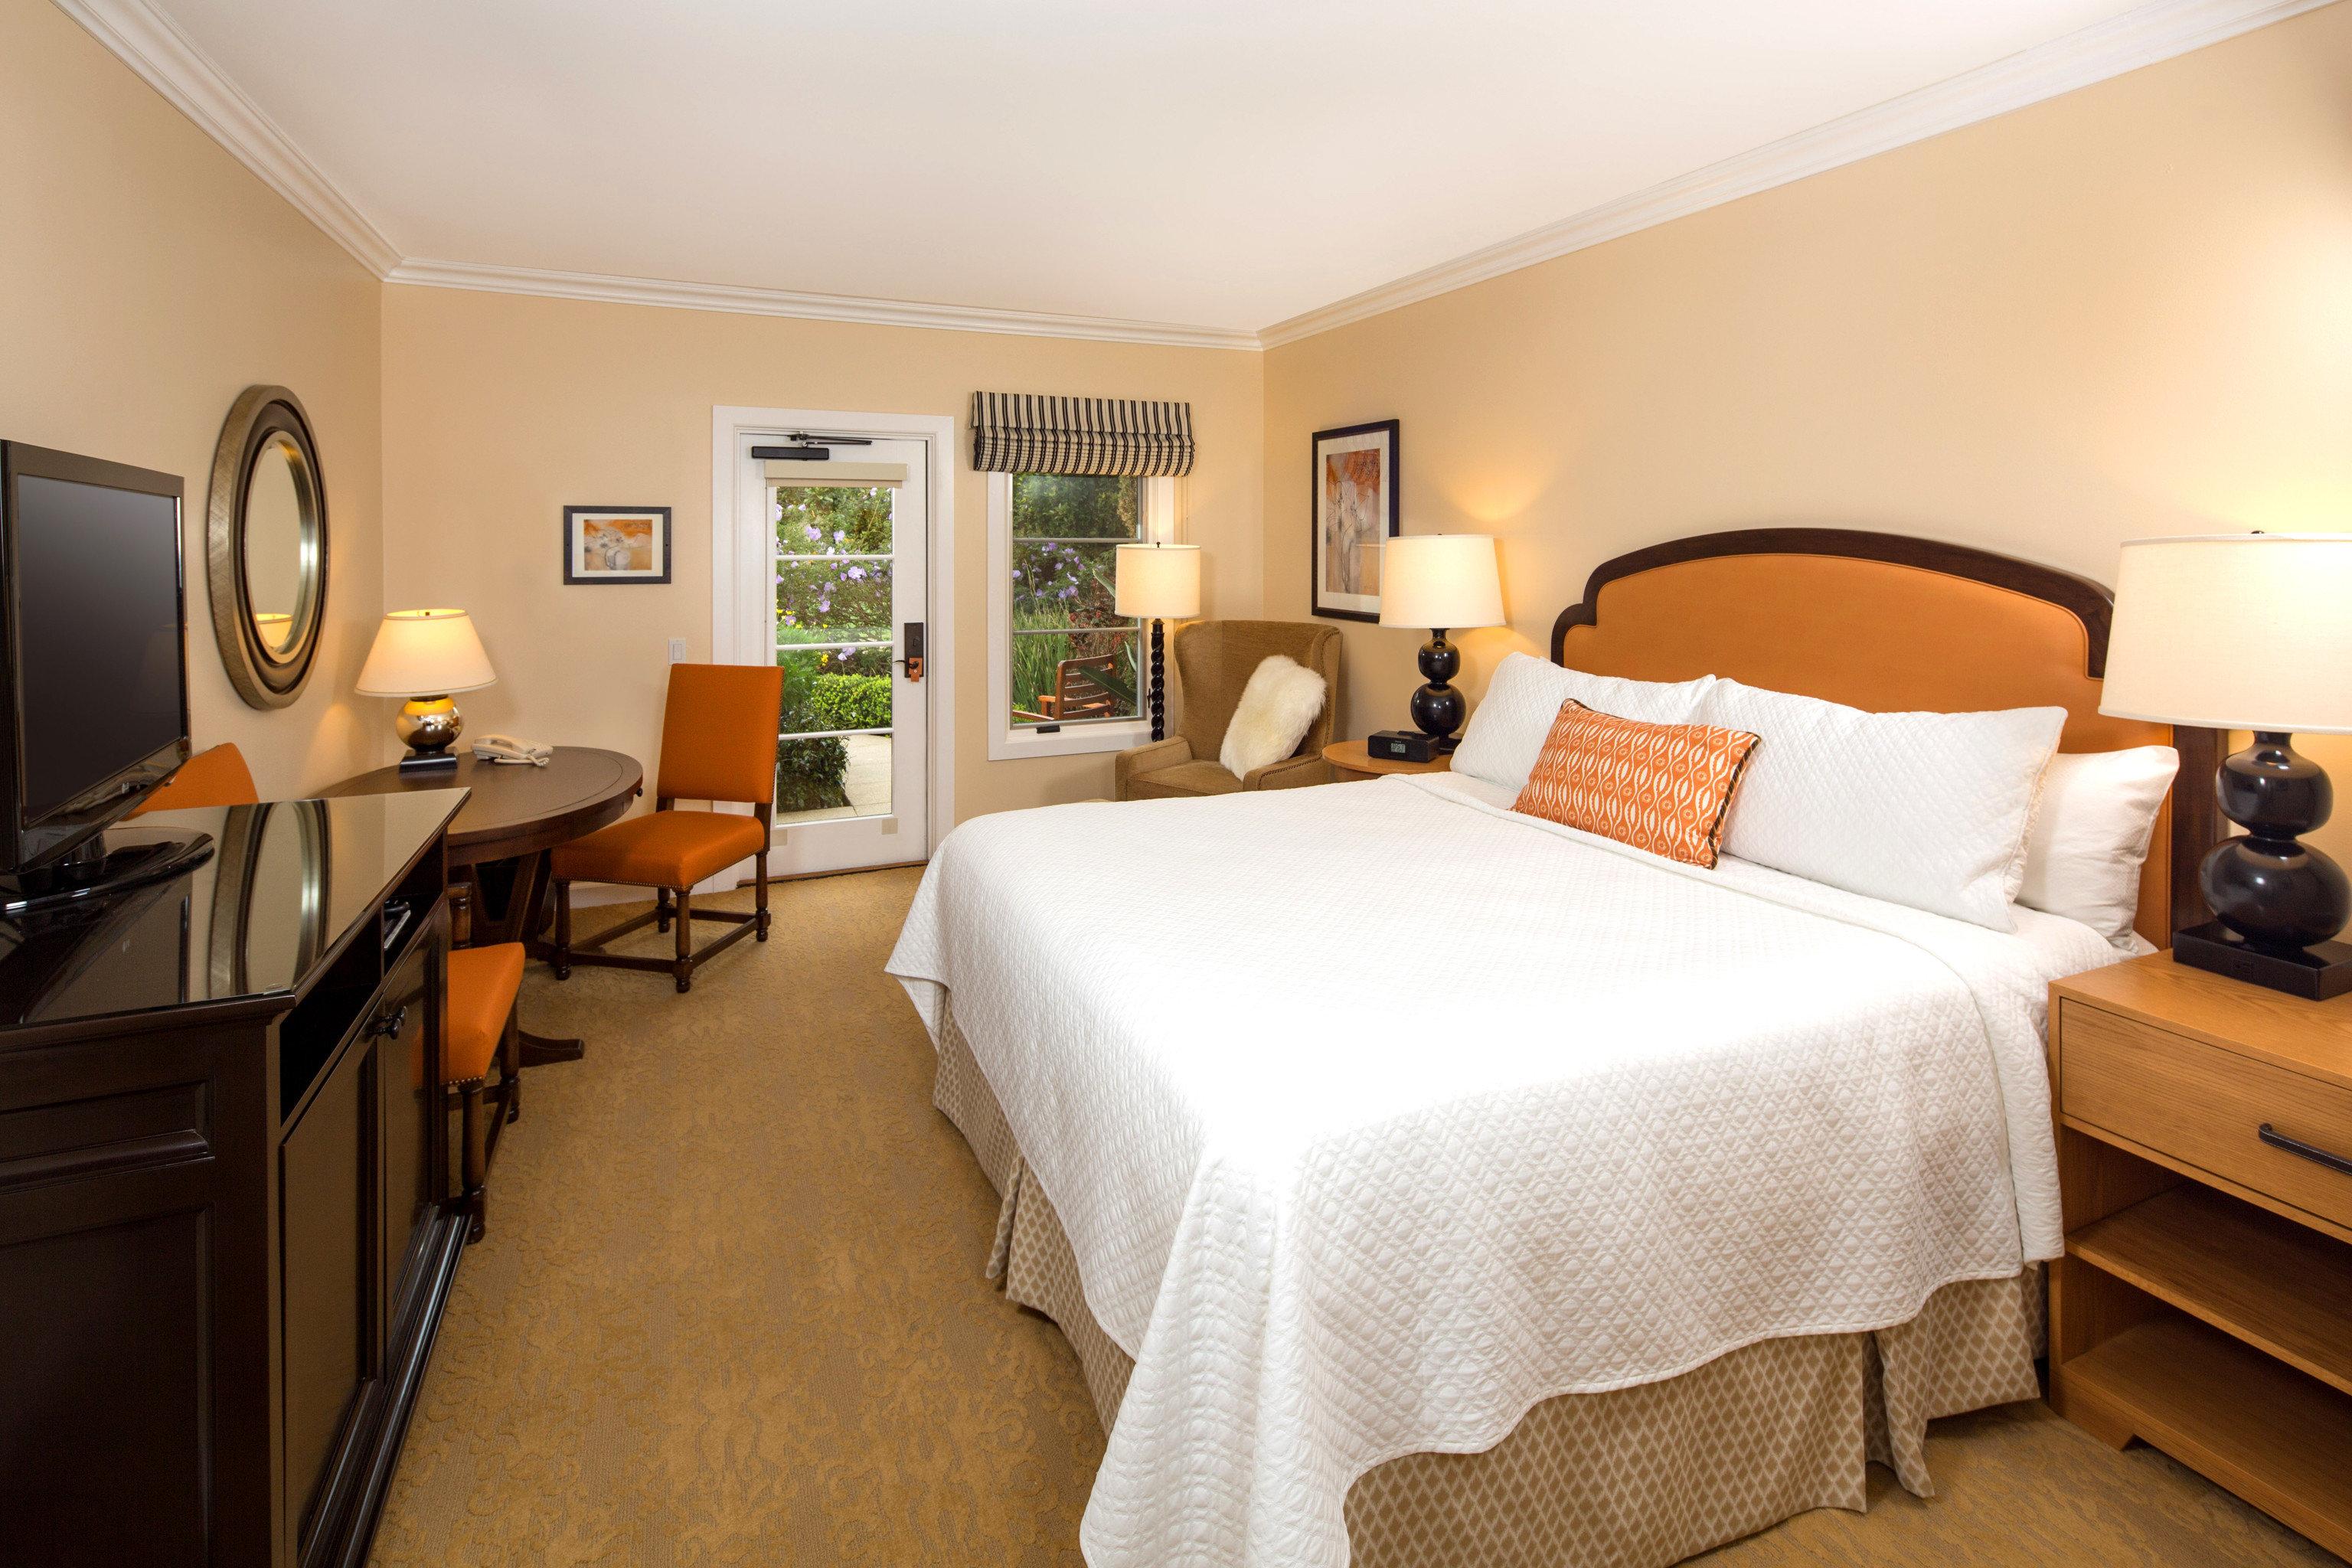 Bedroom Hotels Resort property Suite cottage tan